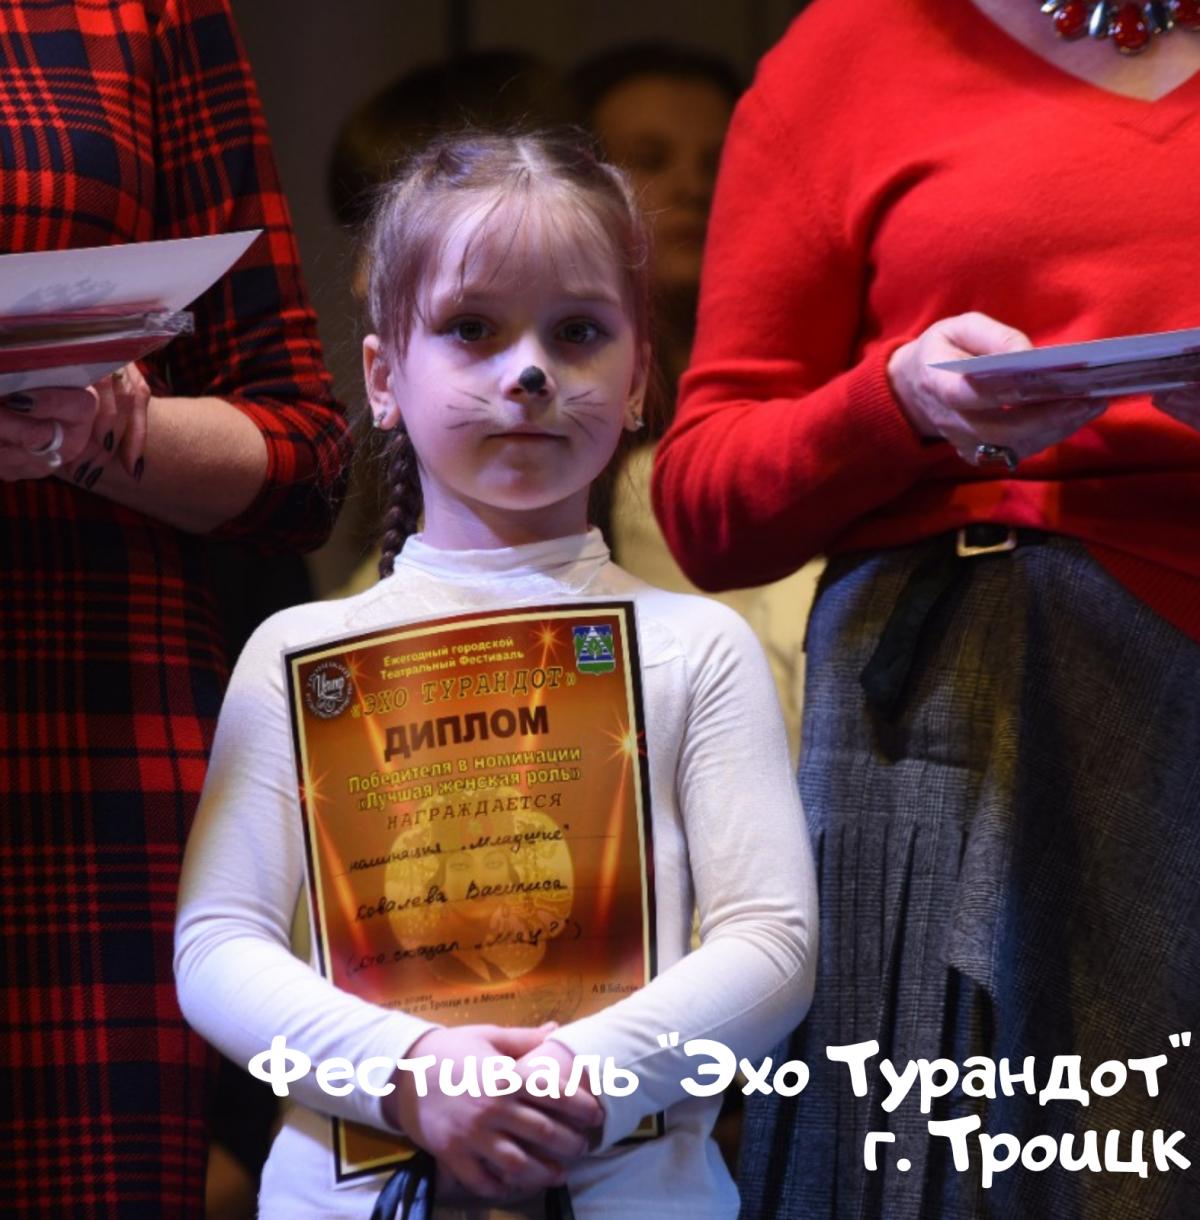 Фестиваль эстрадной песни _Музыка, Виват!_ 2021 год (45)